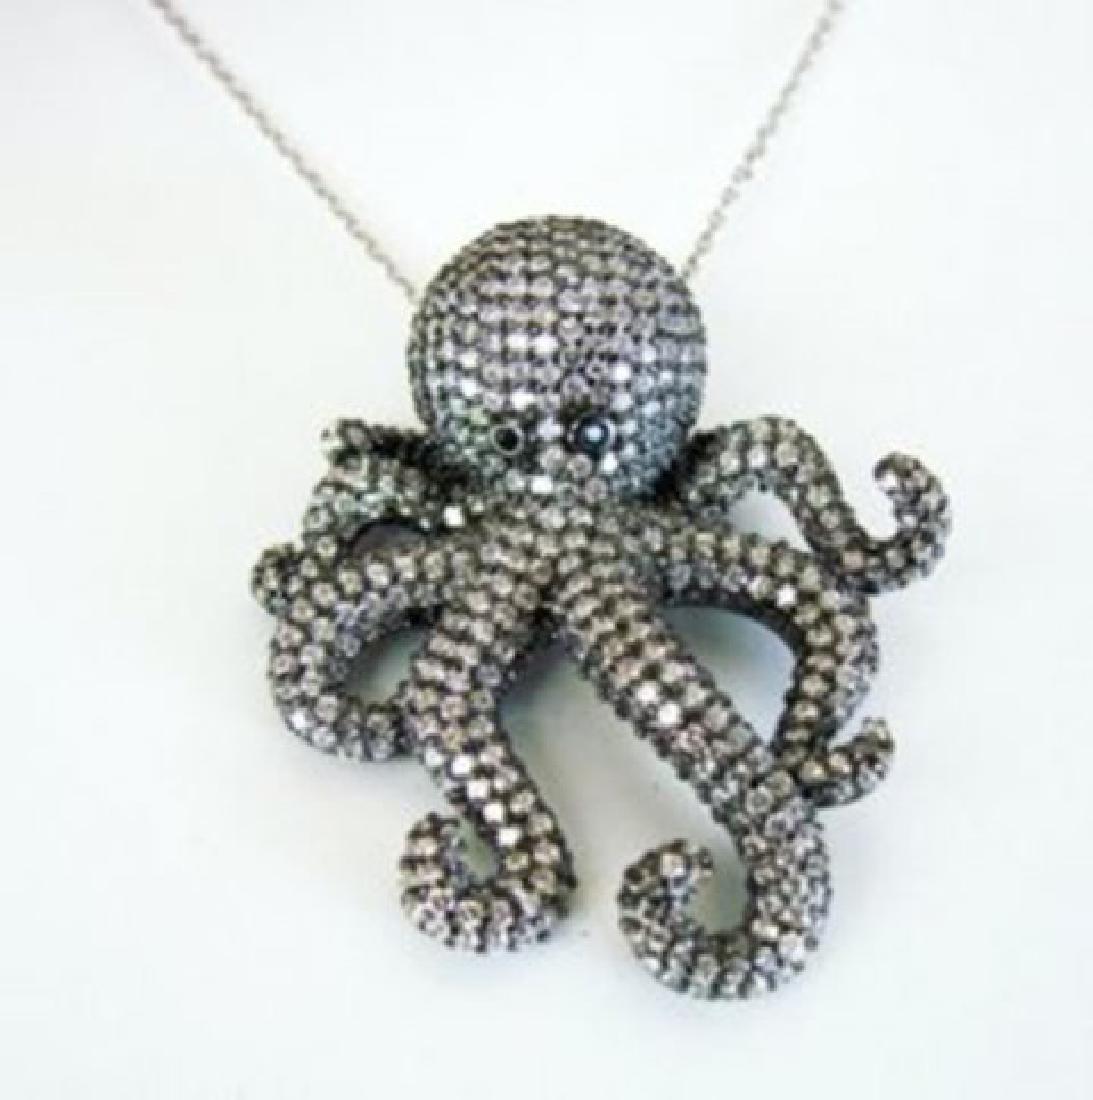 Creation Diamond Octopus Pendant 4.56Ct 18k B/g Overlay - 2